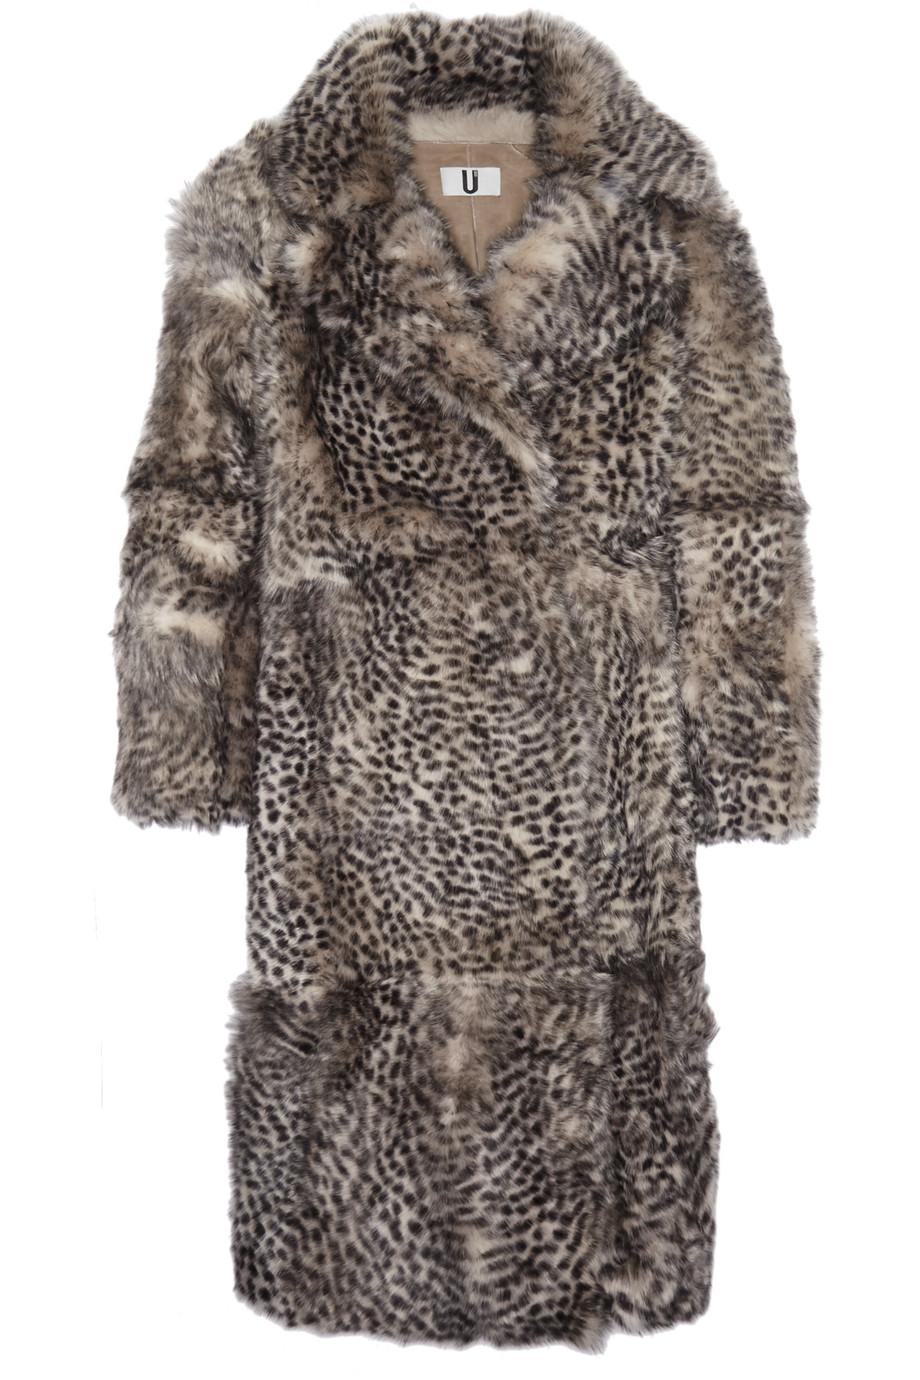 Topshop Unique D'arblay Cheetah-Print Shearling Coat, Leopard Print/Gray, Women's